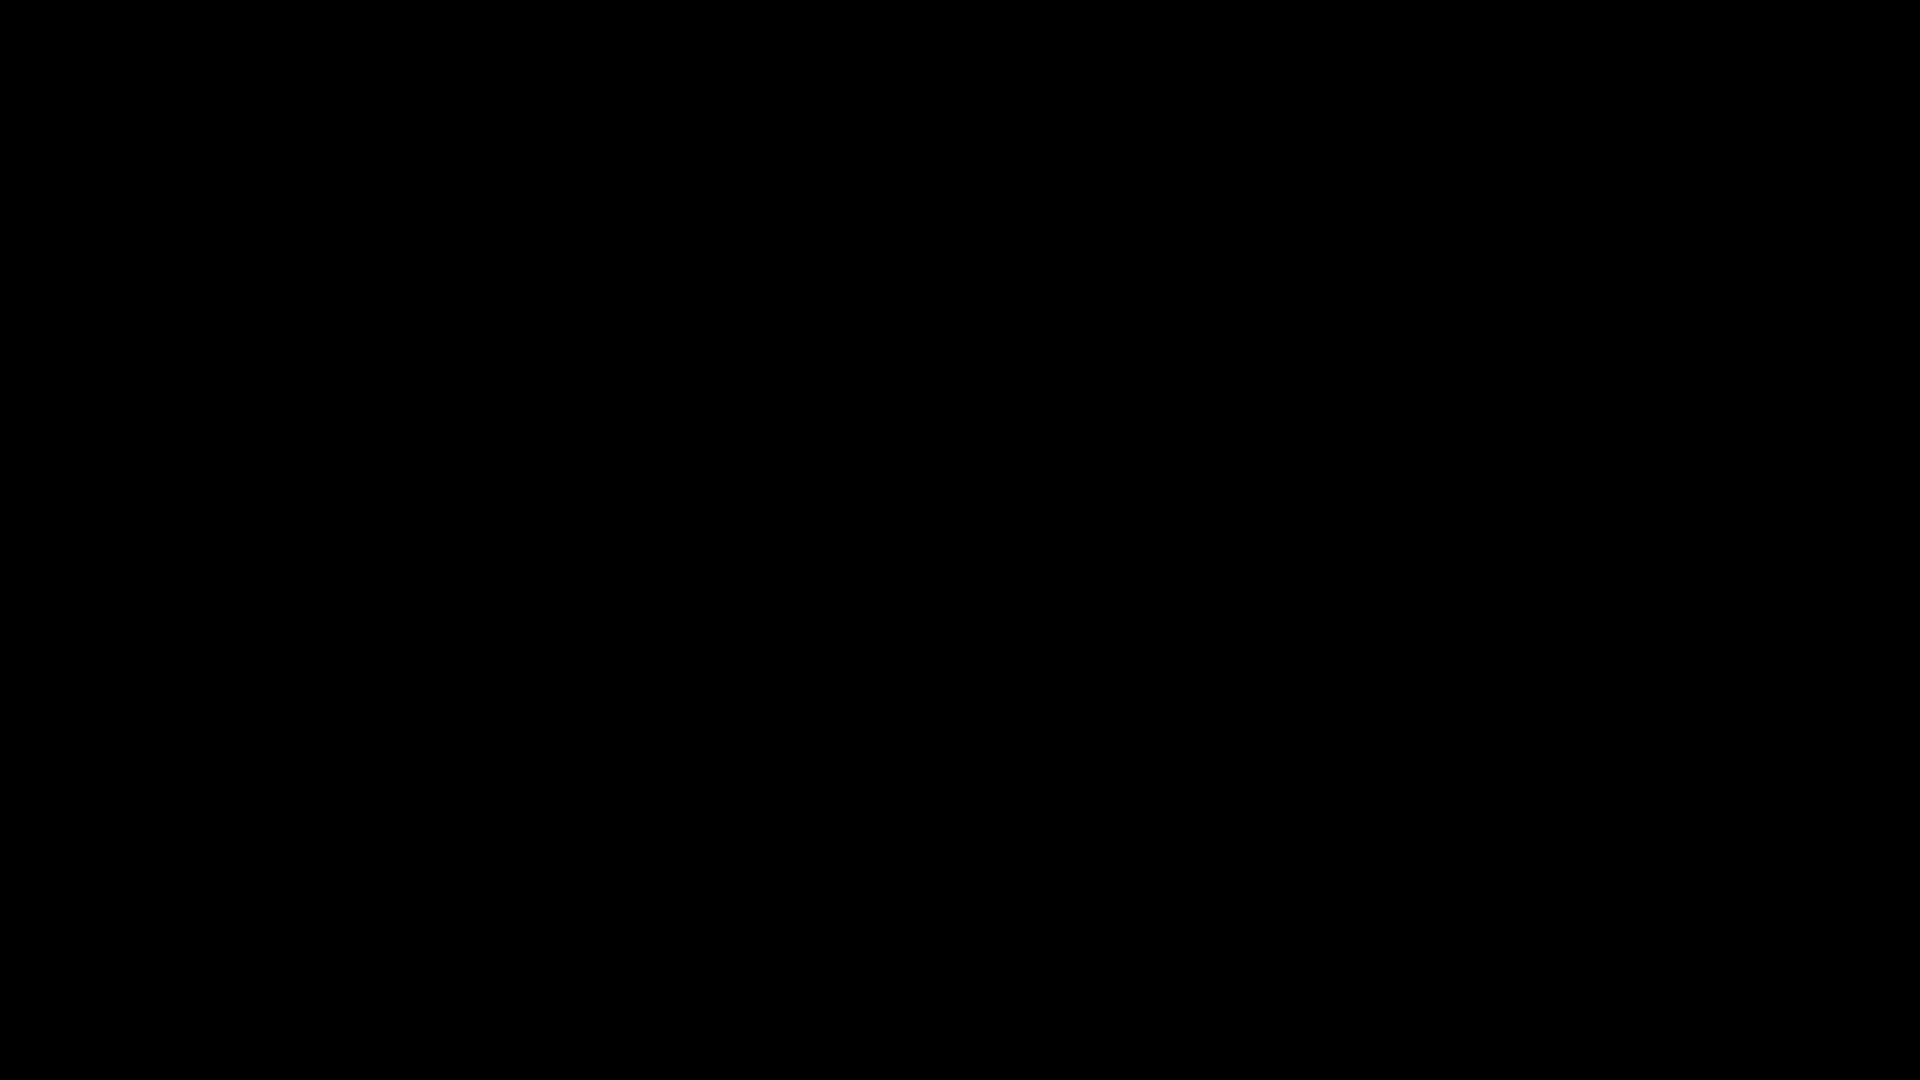 pog 2